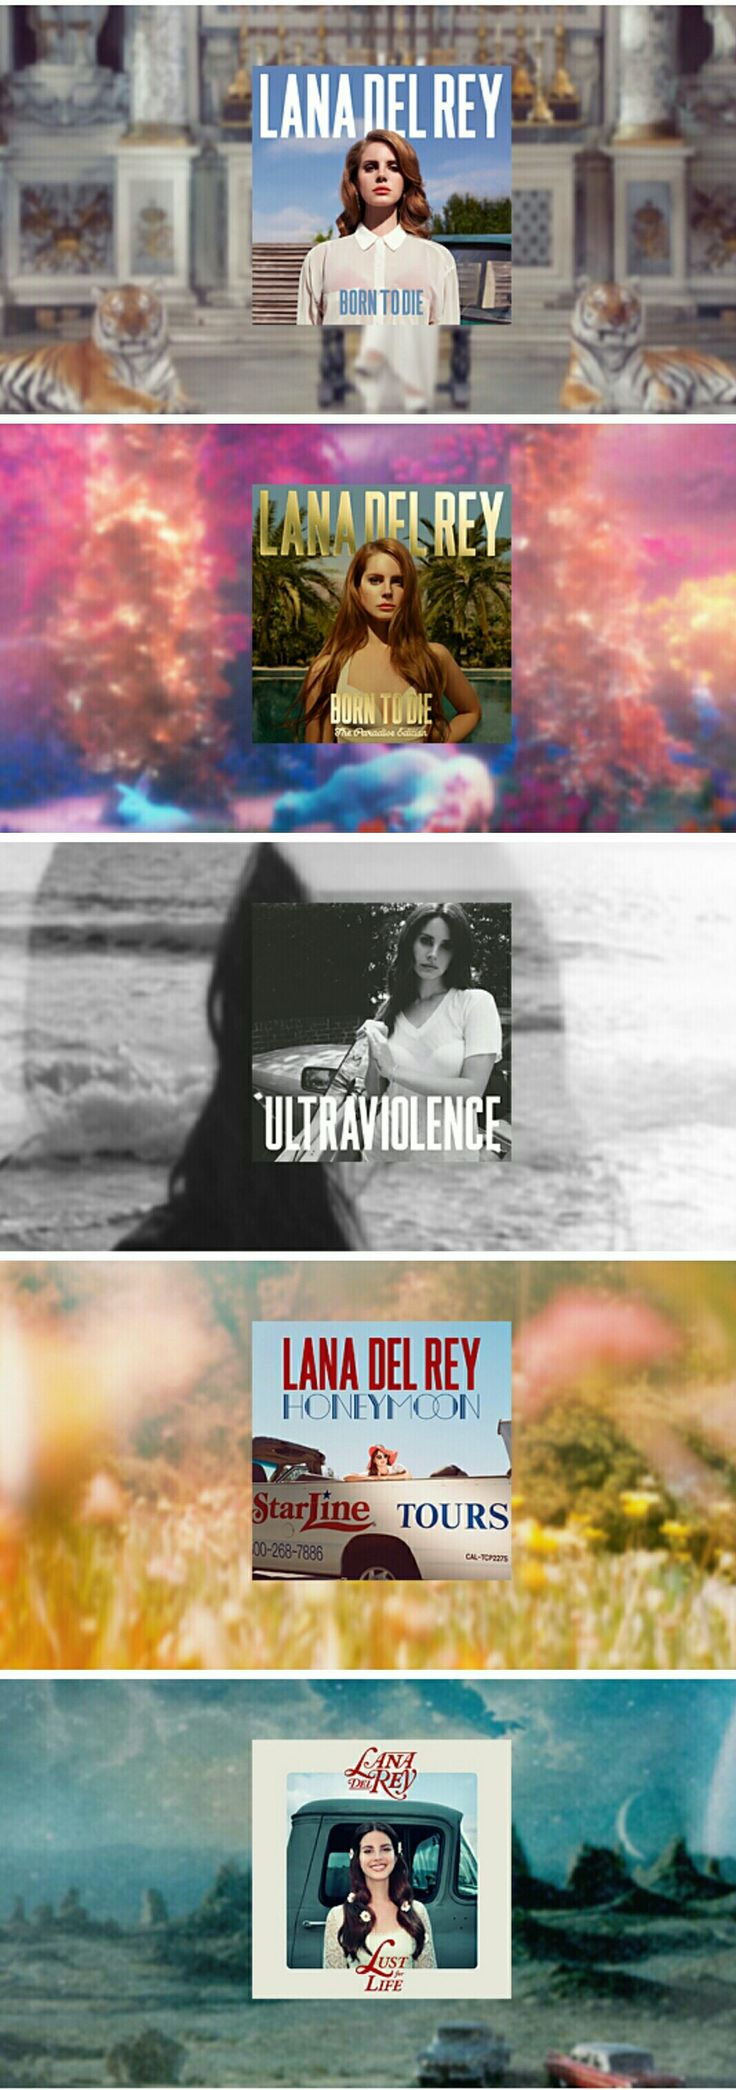 Lana Del Rey discography #LDR #discography #BornToDie #ParadiseEdition #Ultraviolence #Honeymoon #LustForLife